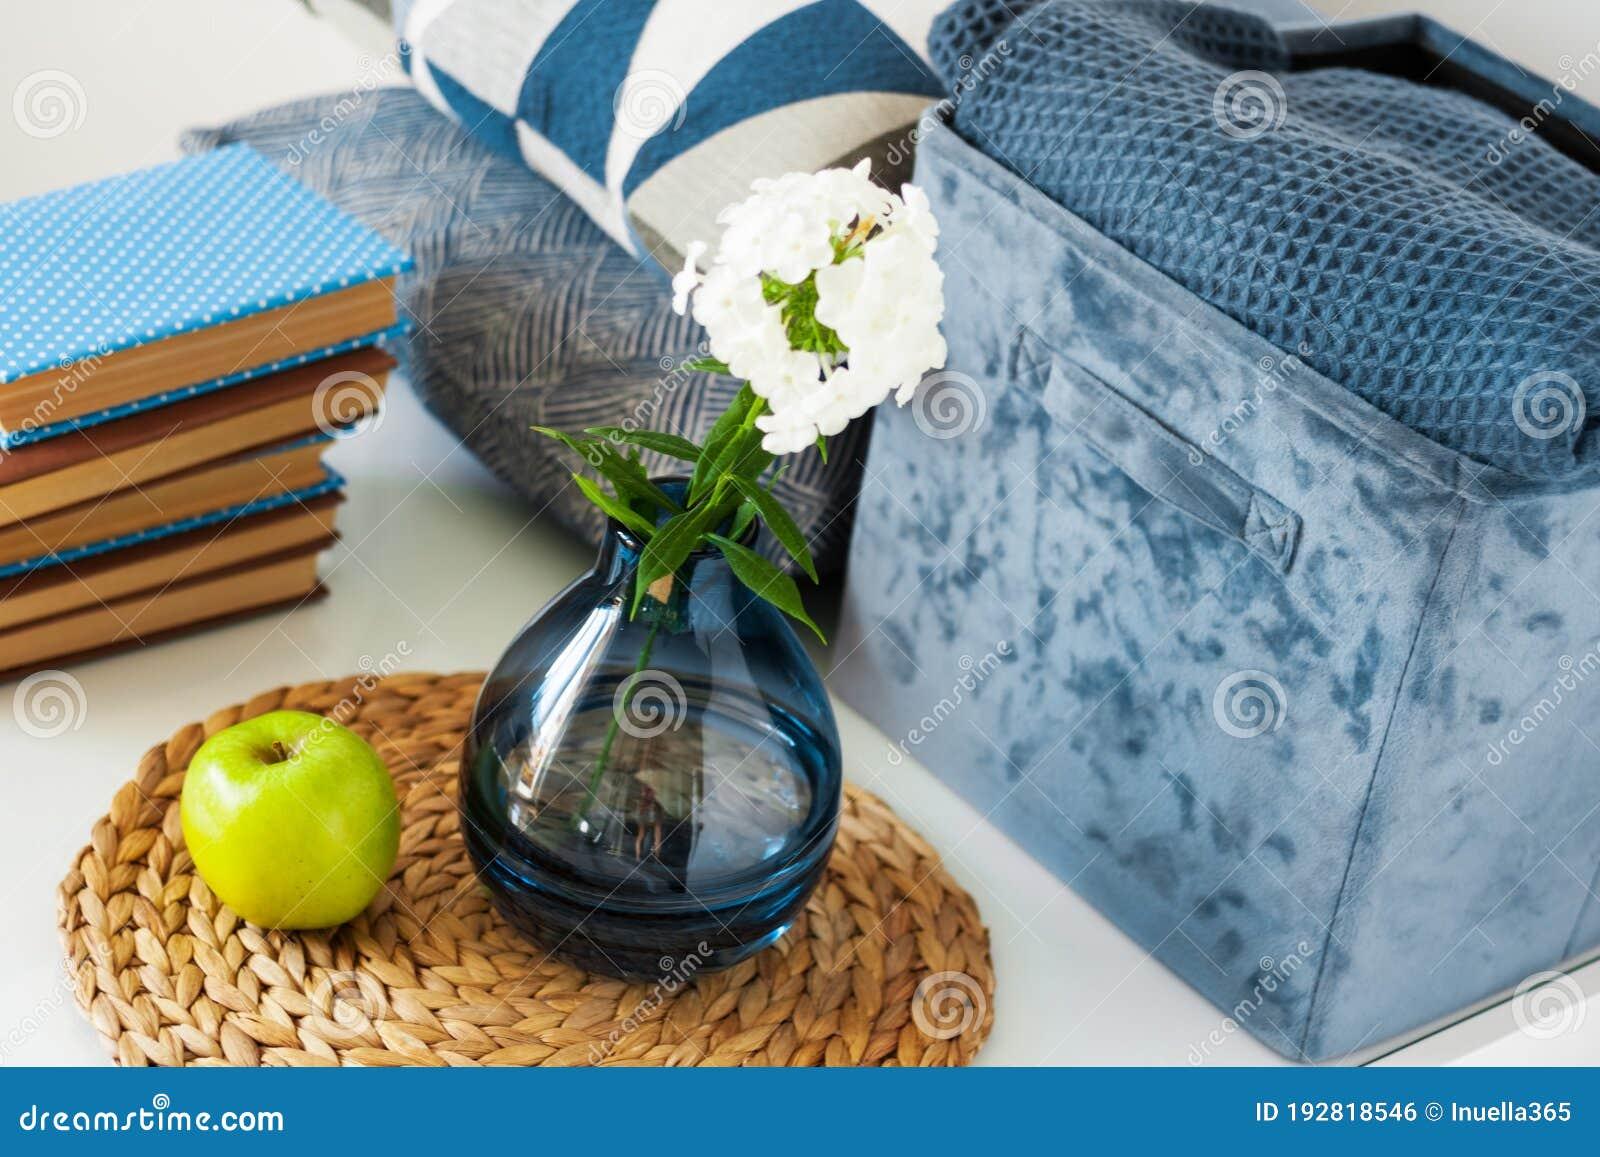 Home Interior Apple Decor